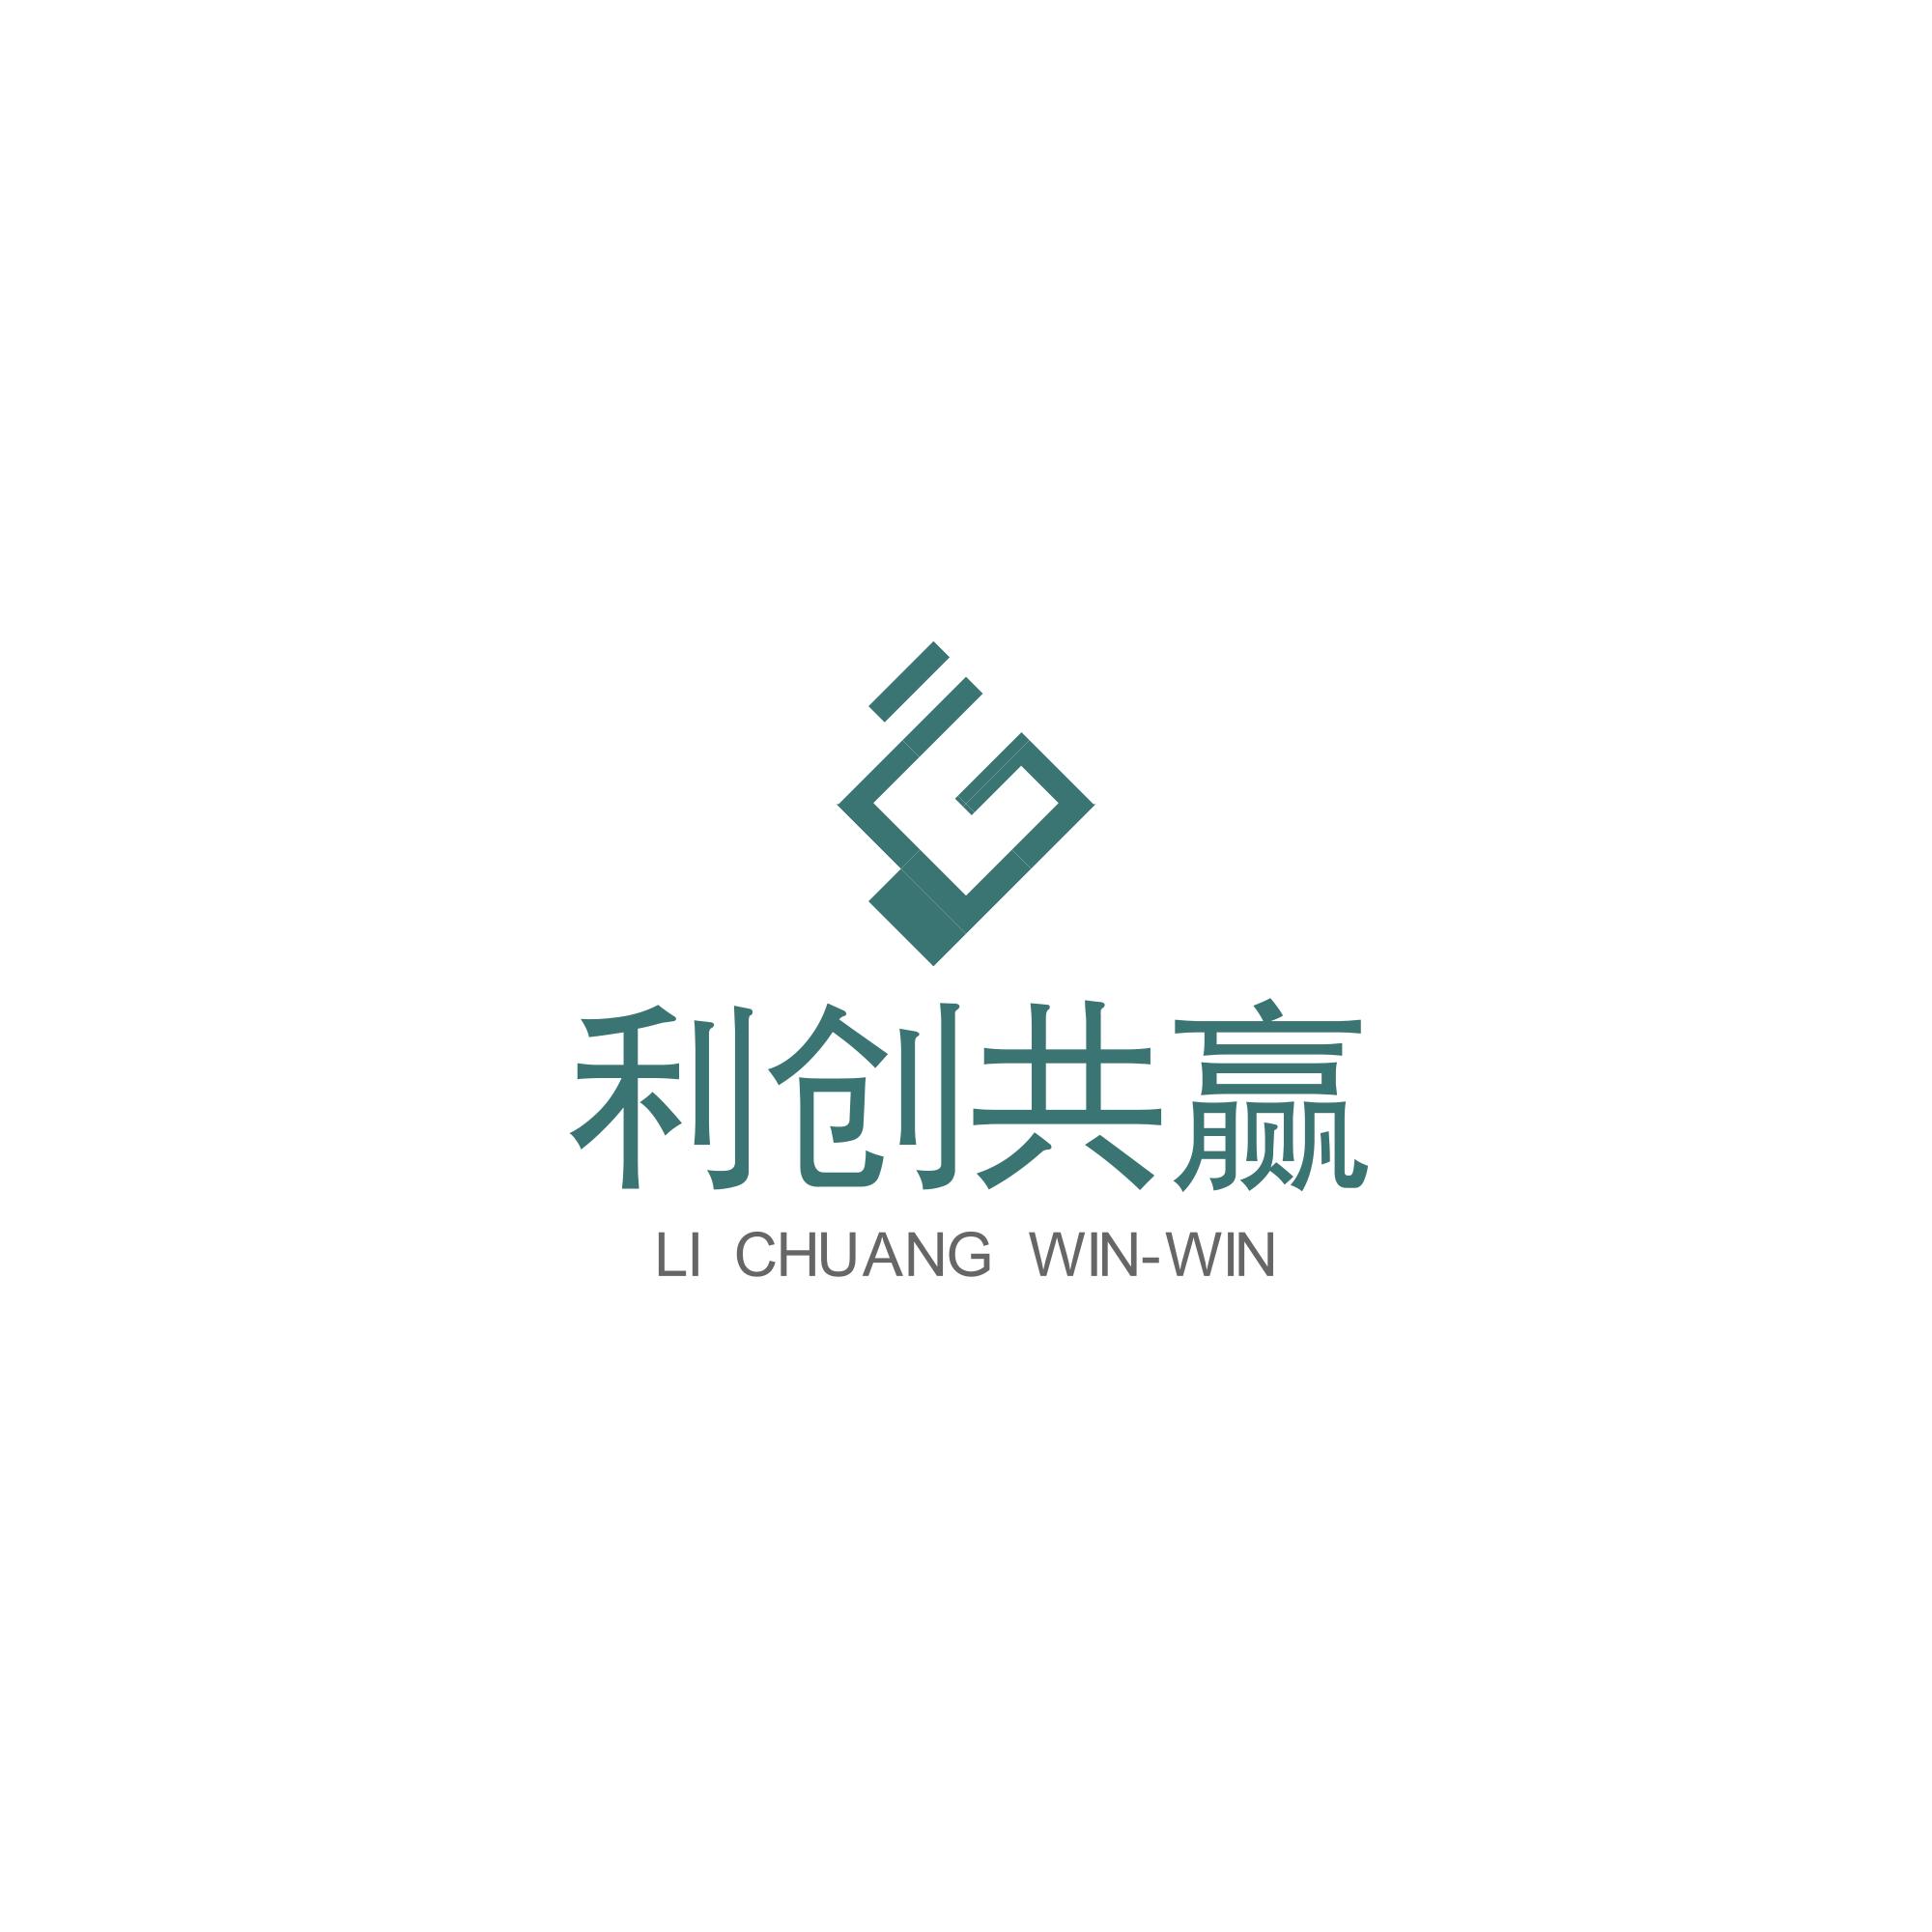 利创共赢(杭州)企业管理有限公司招聘建筑业电销专员